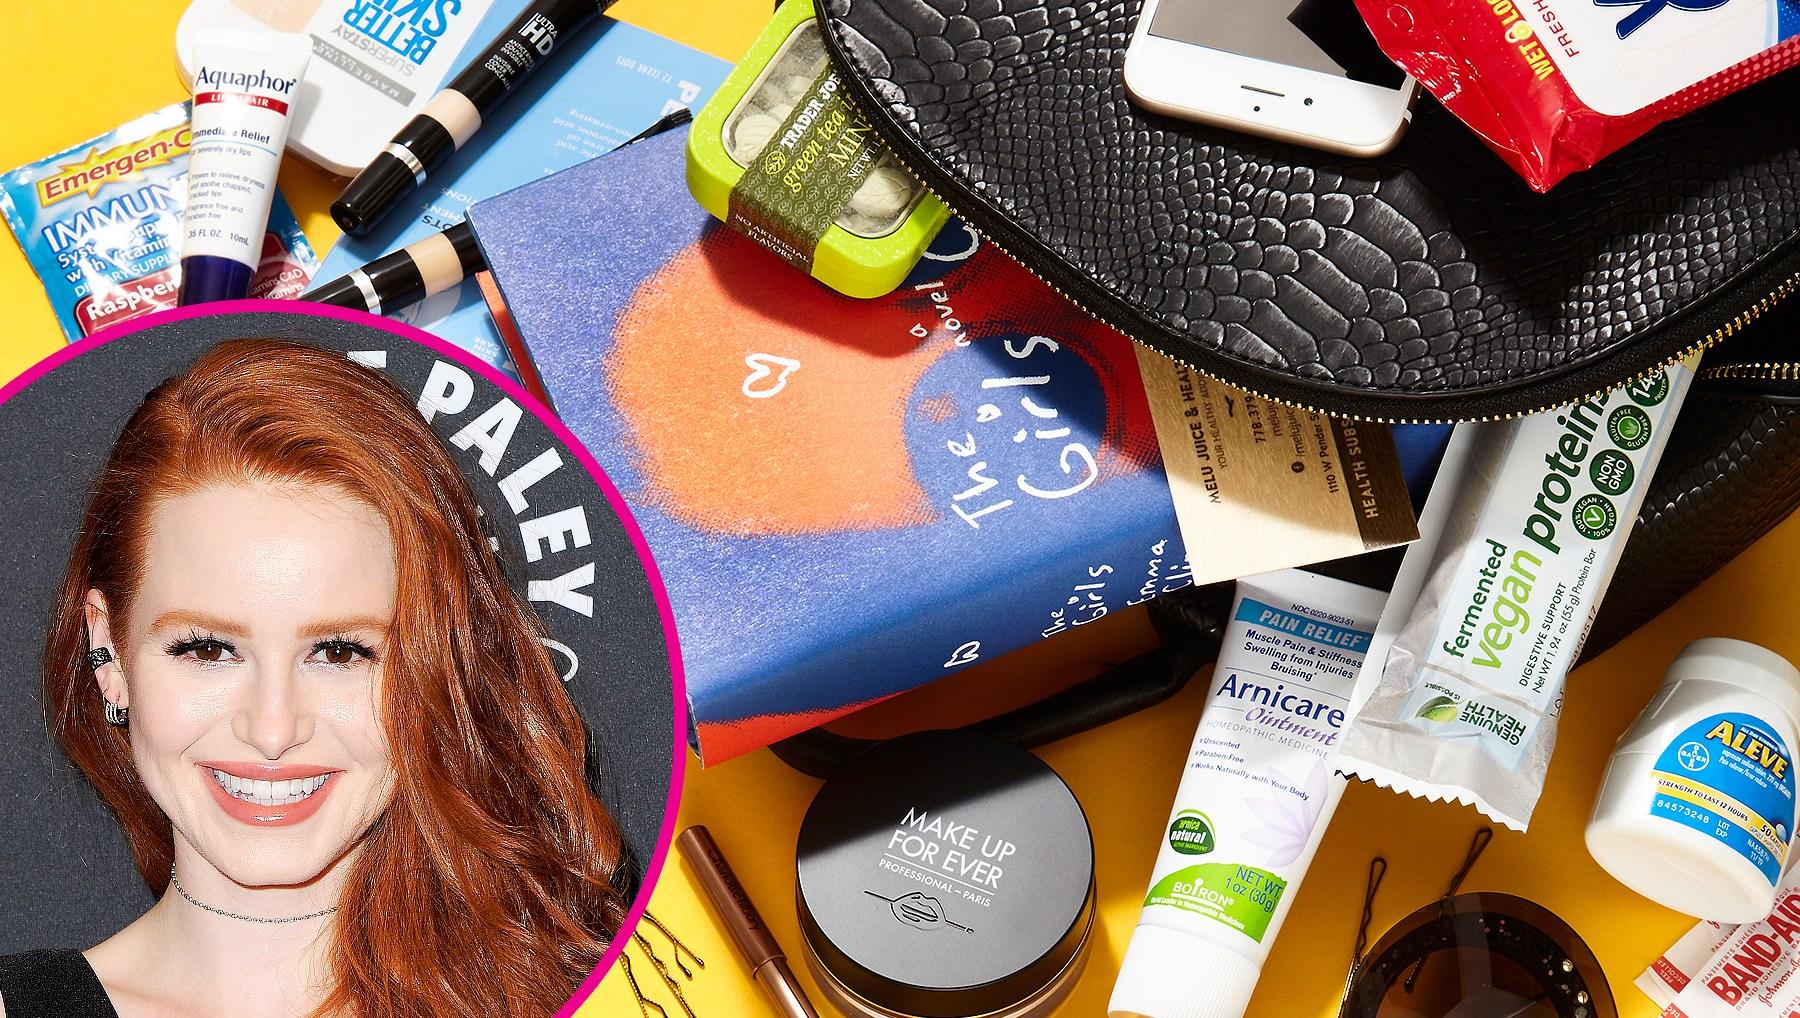 Madelaine Petsch's bag